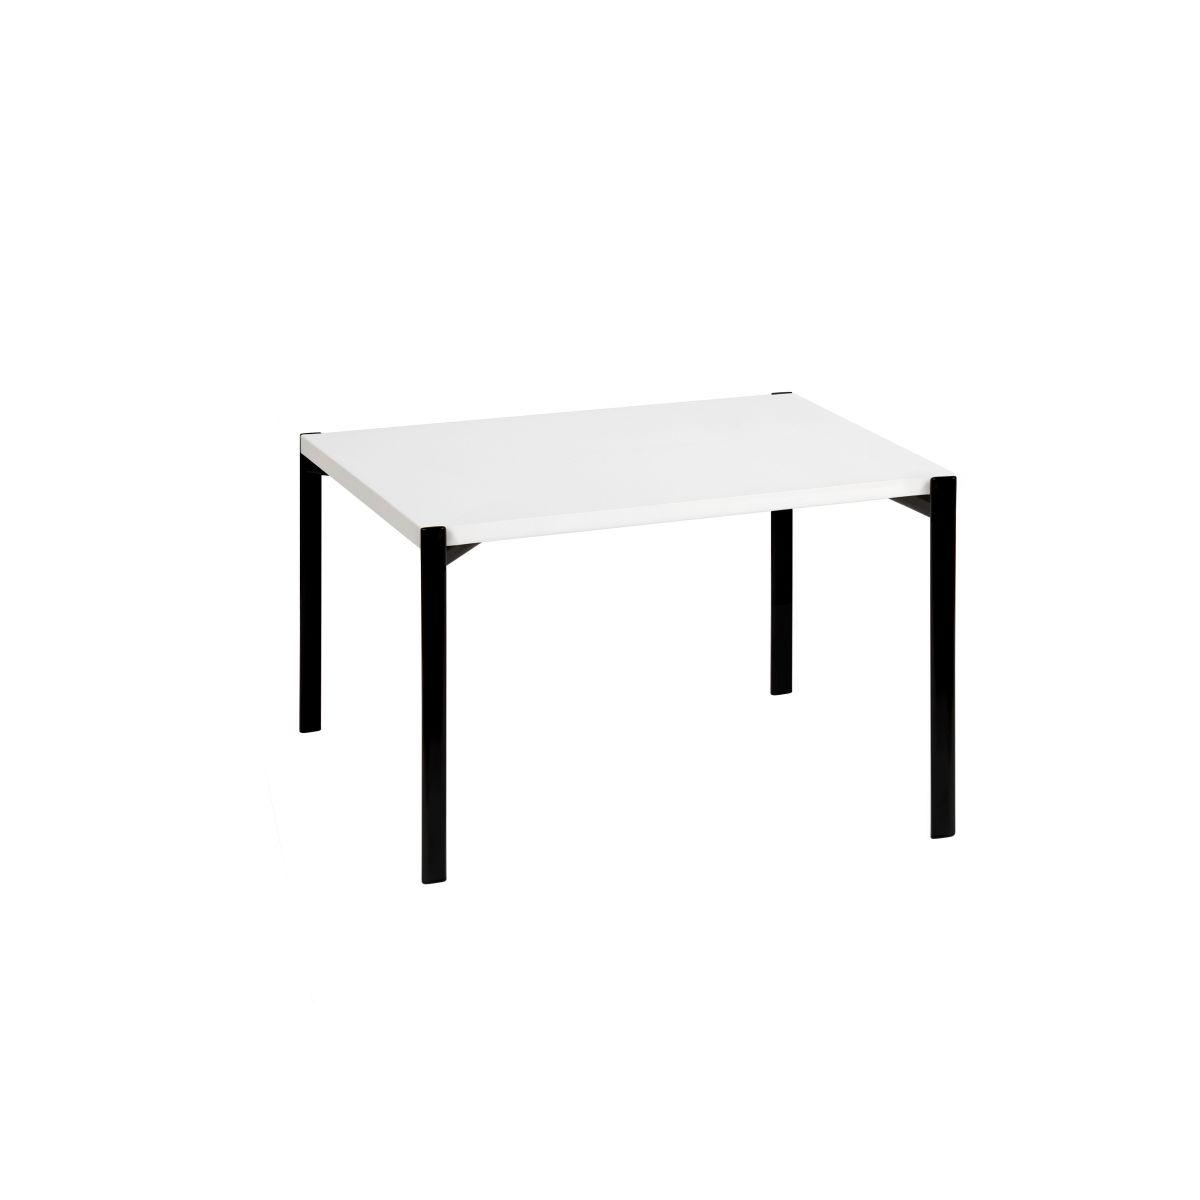 Kiki_Low_Table_white-HPL-60-2650996